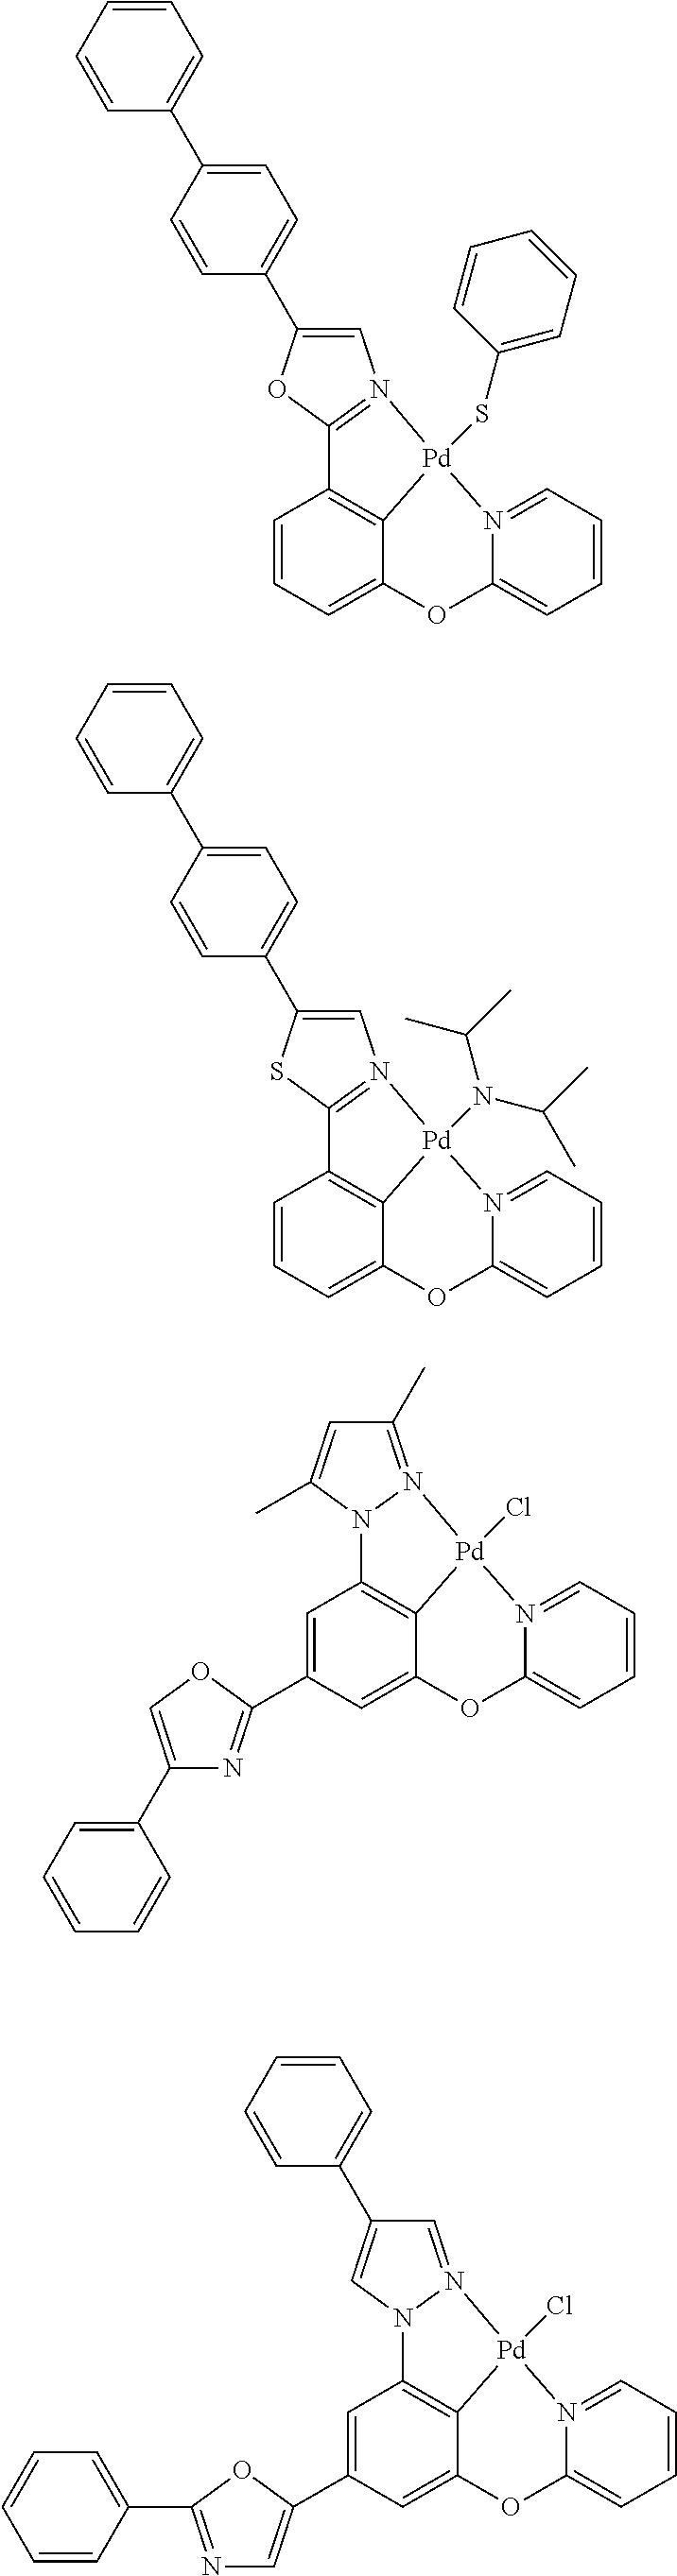 Figure US09818959-20171114-C00545